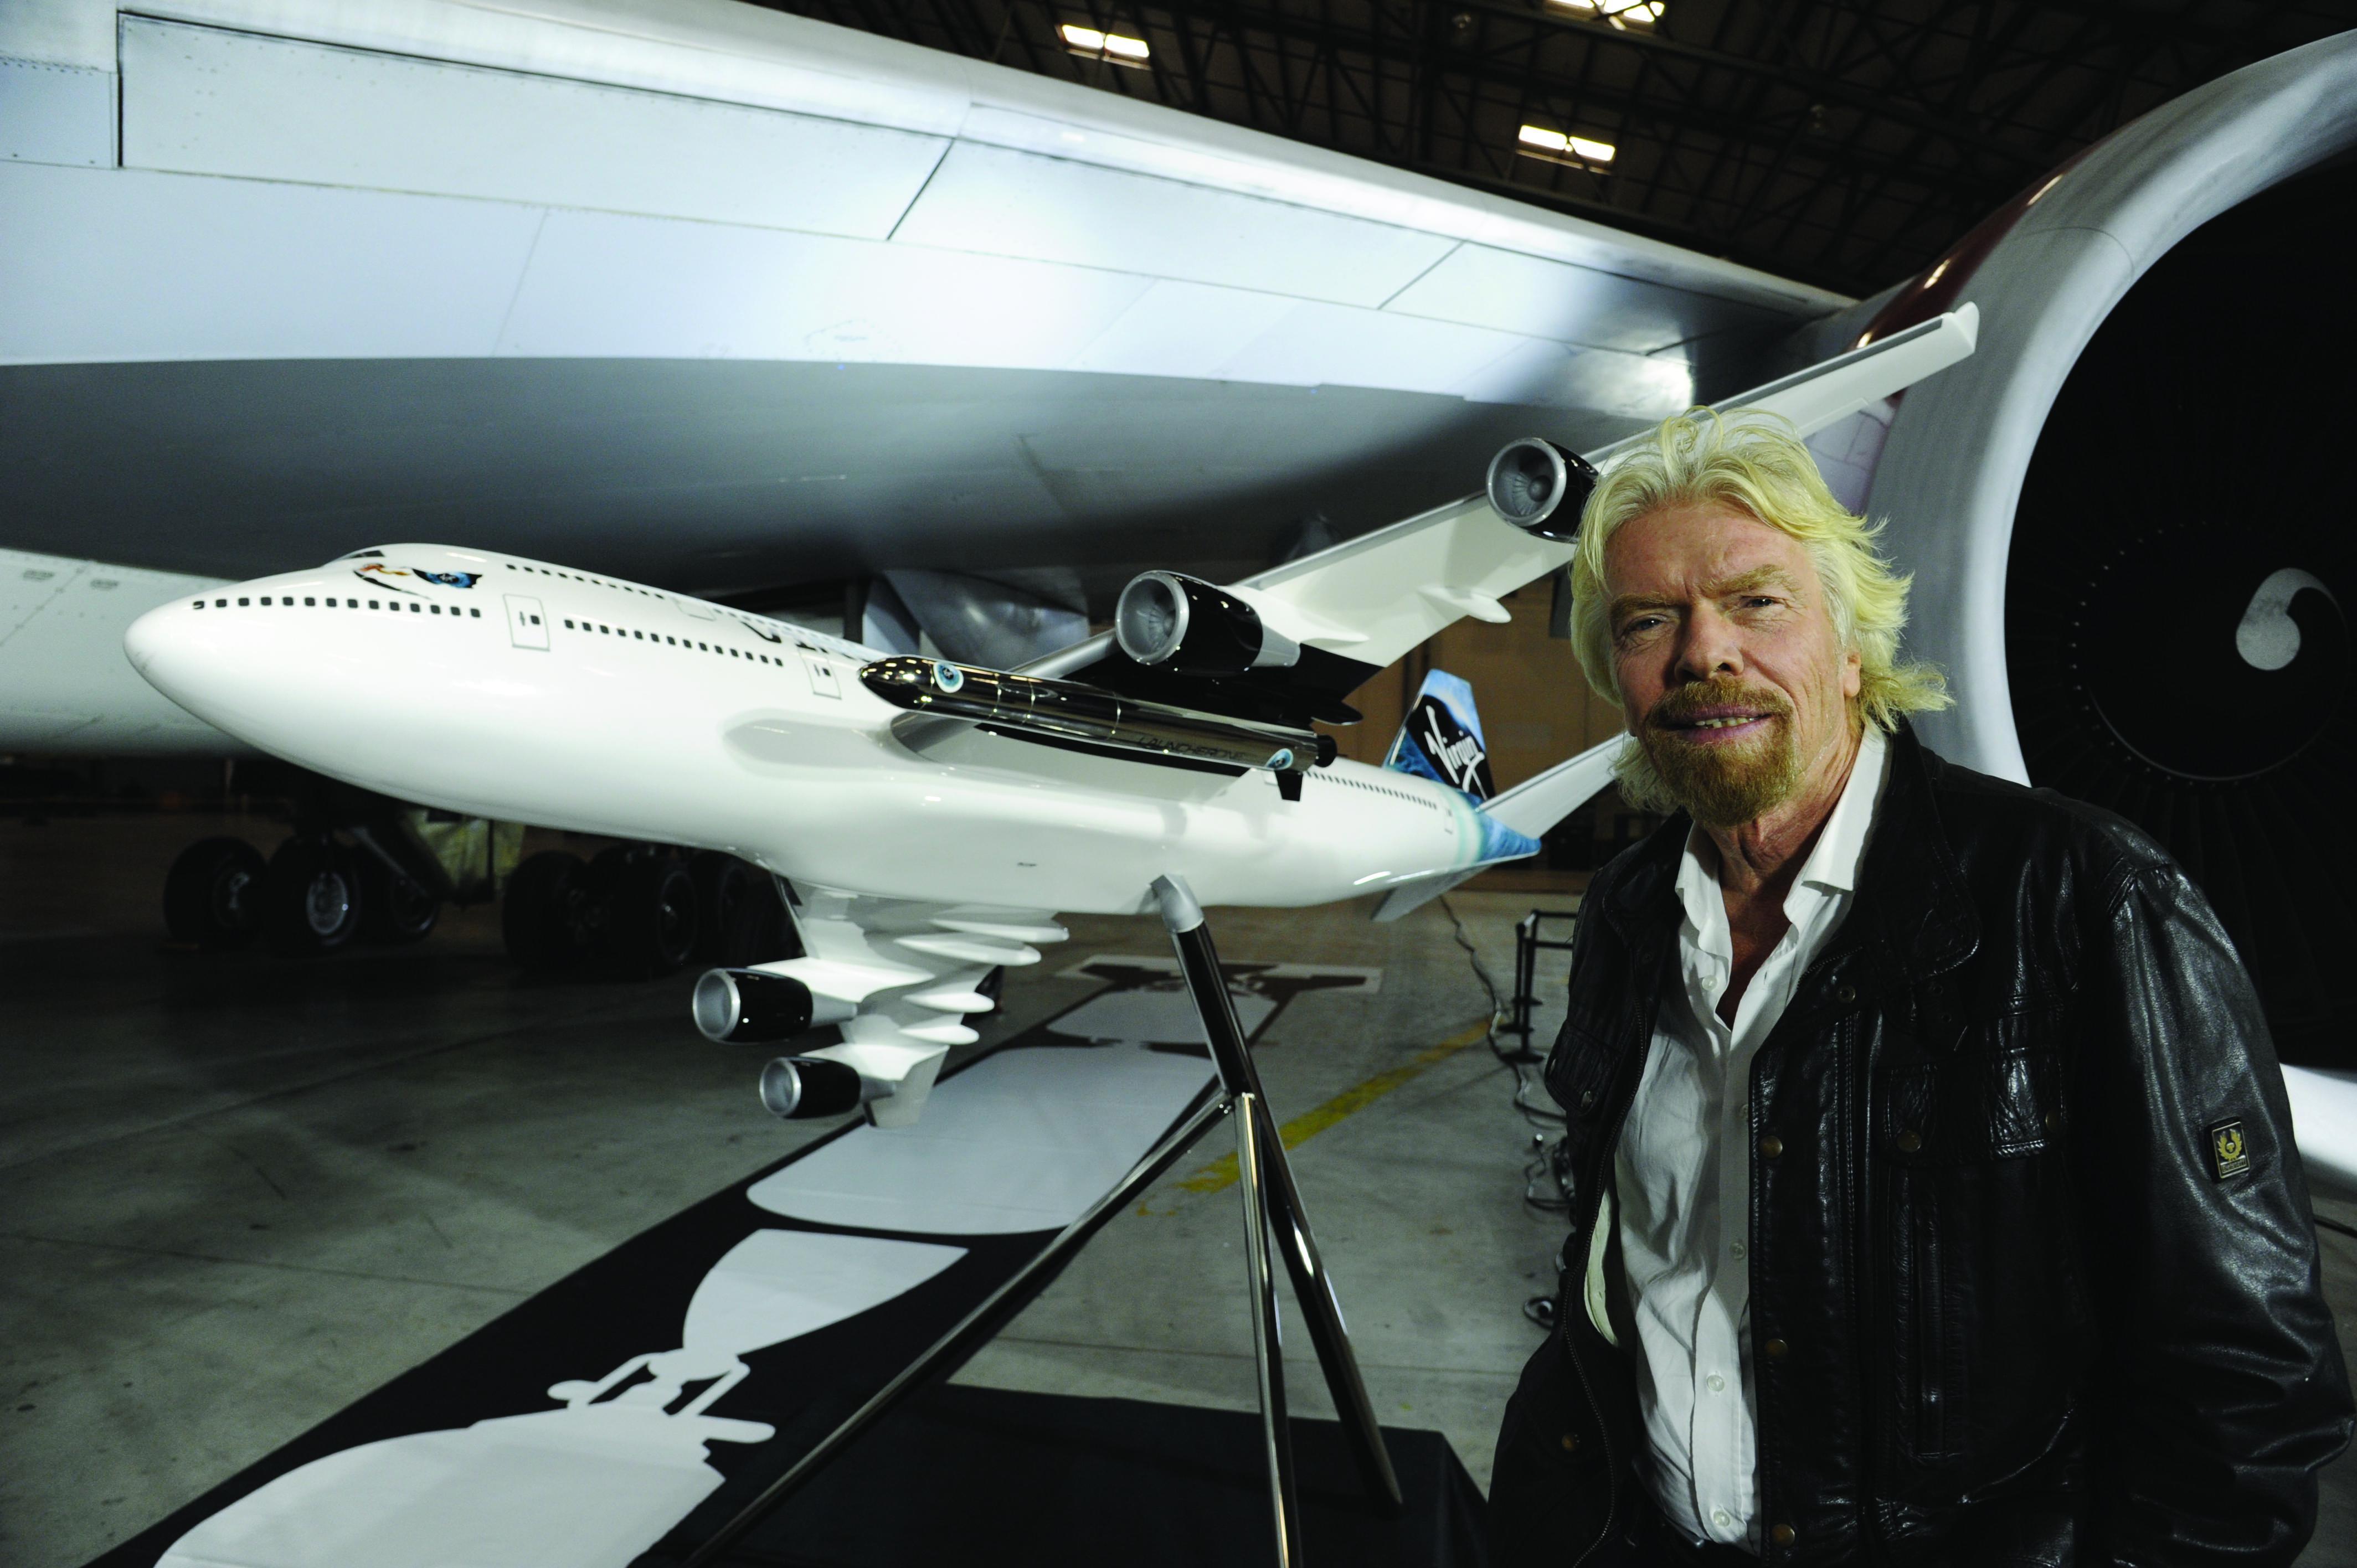 Unternehmensgründer Richard Branson vor einem Modell des Jumbo 747, unter dessen linker Tragfläche die Trägerrakete mit einem Satelliten zu erkennen ist. Die Testflüge sollen 2017 beginnen.